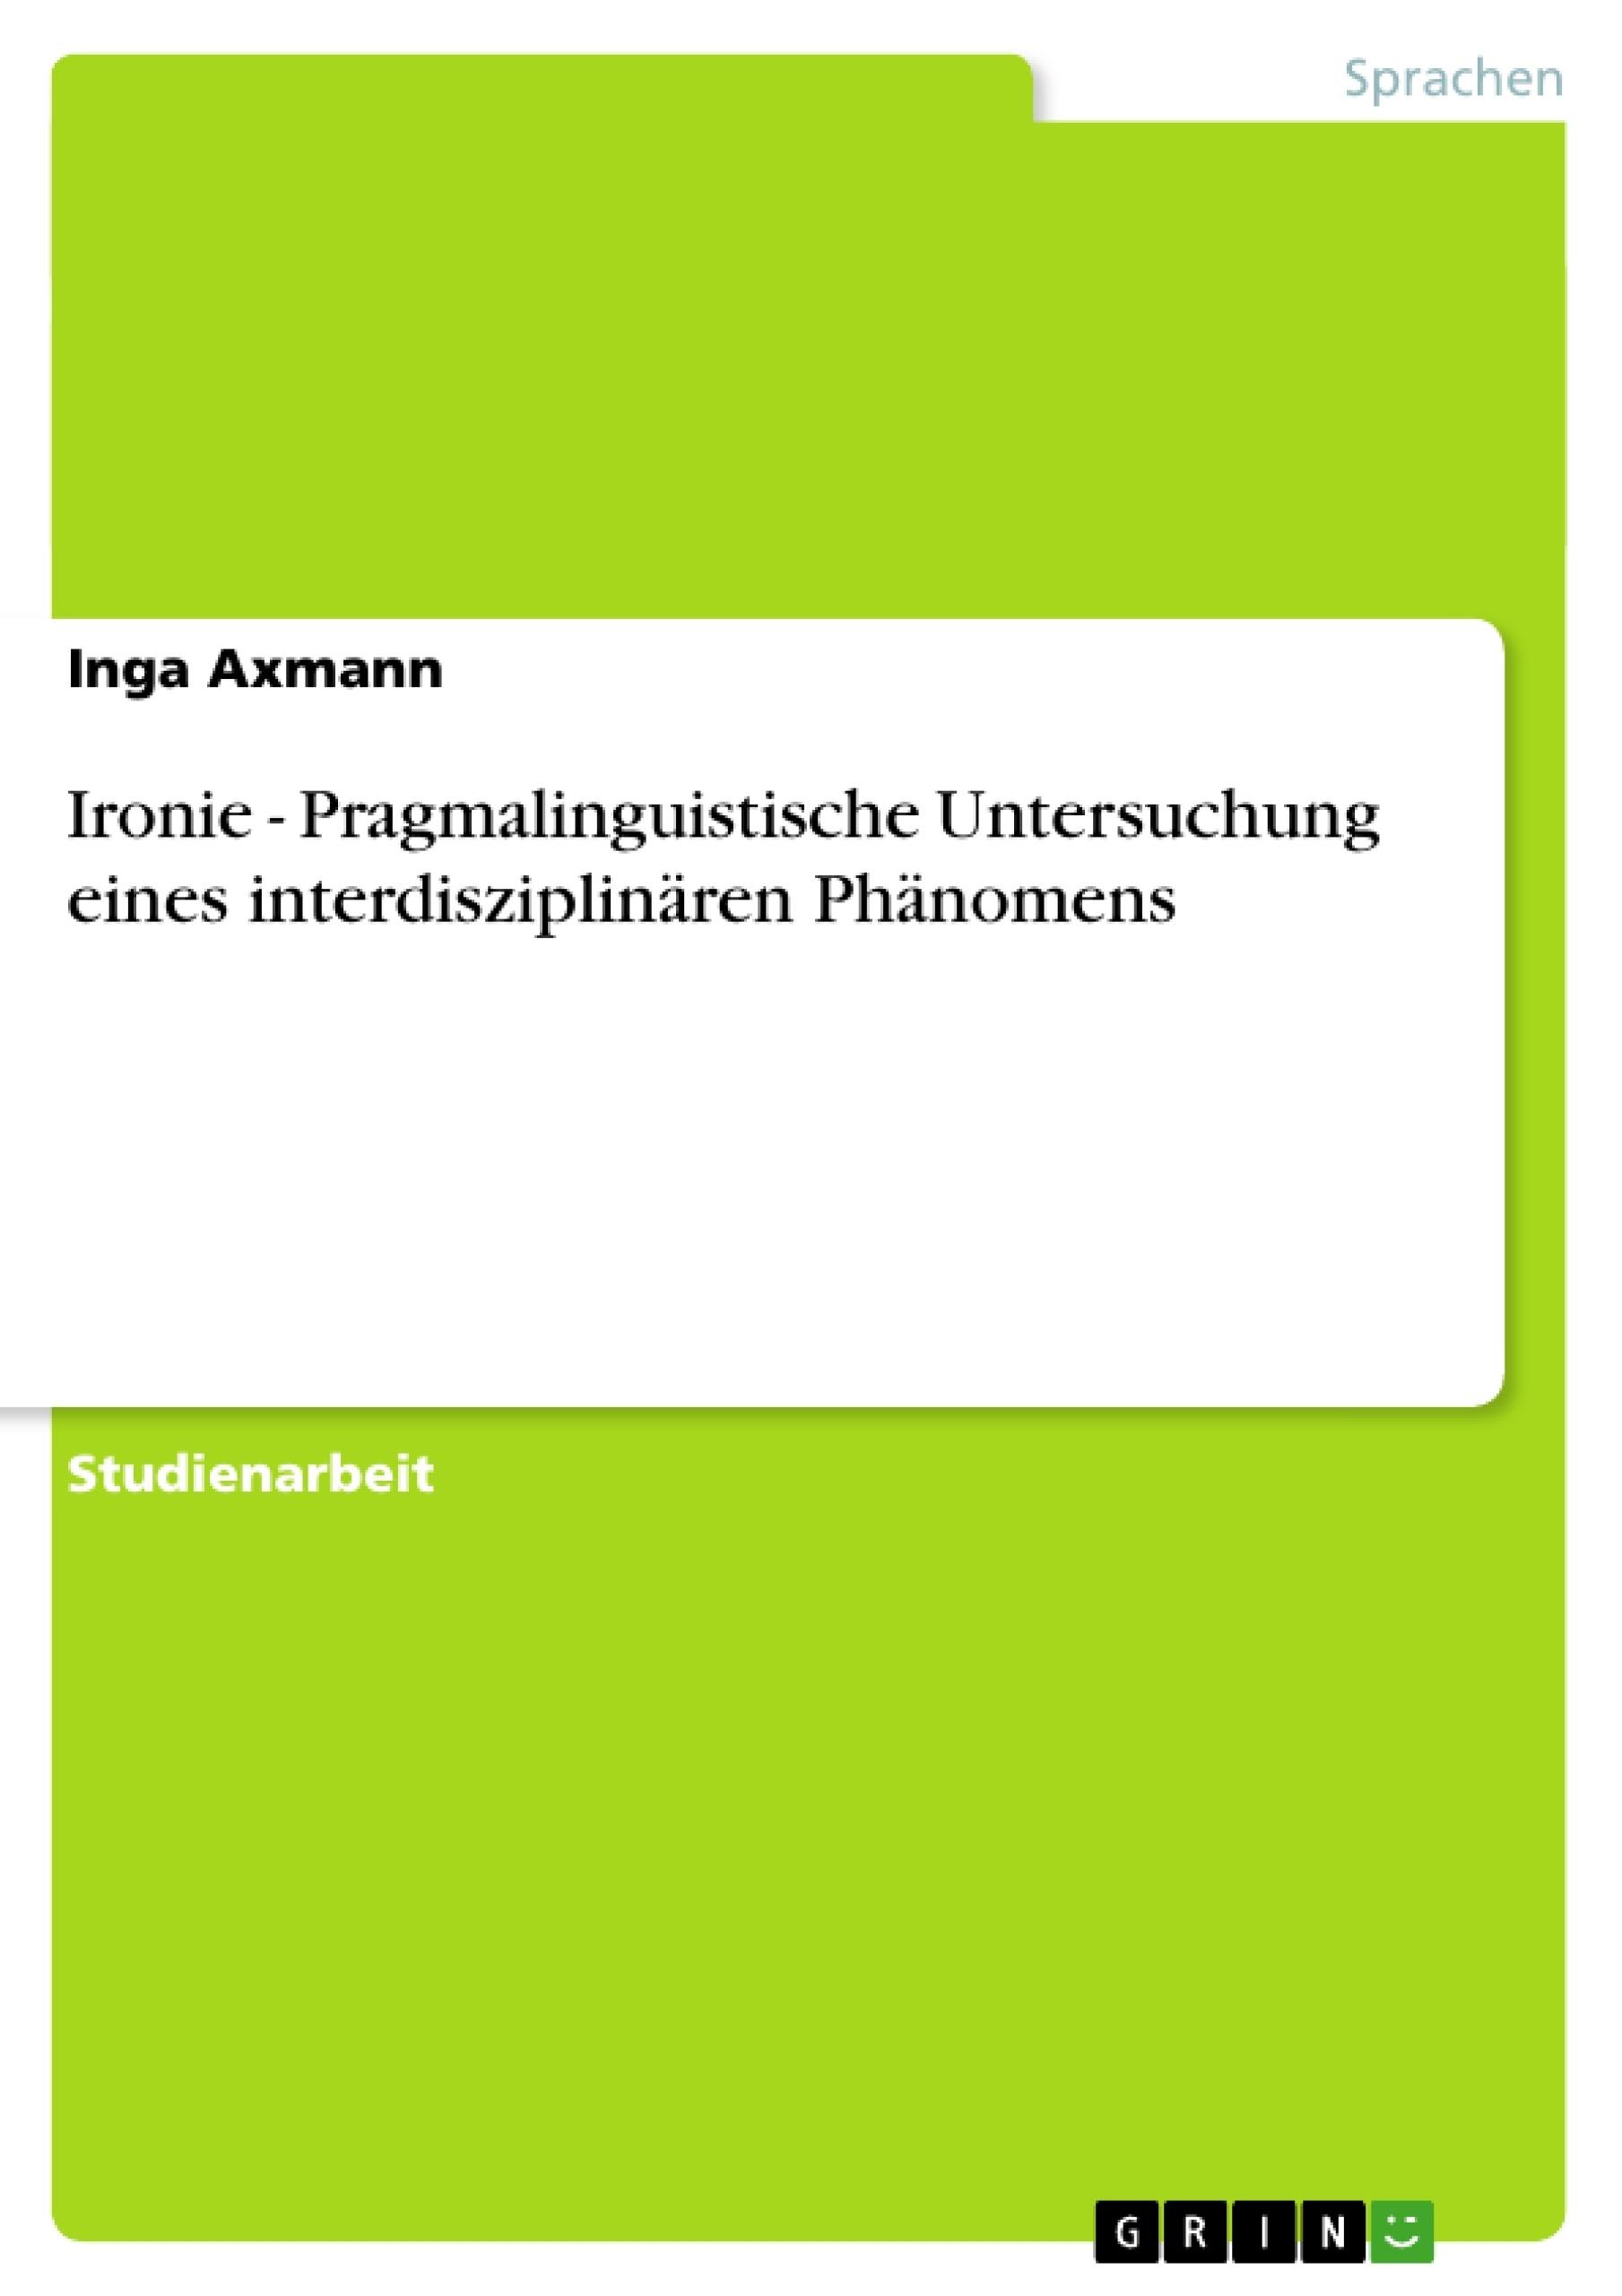 Titel: Ironie - Pragmalinguistische Untersuchung eines interdisziplinären Phänomens